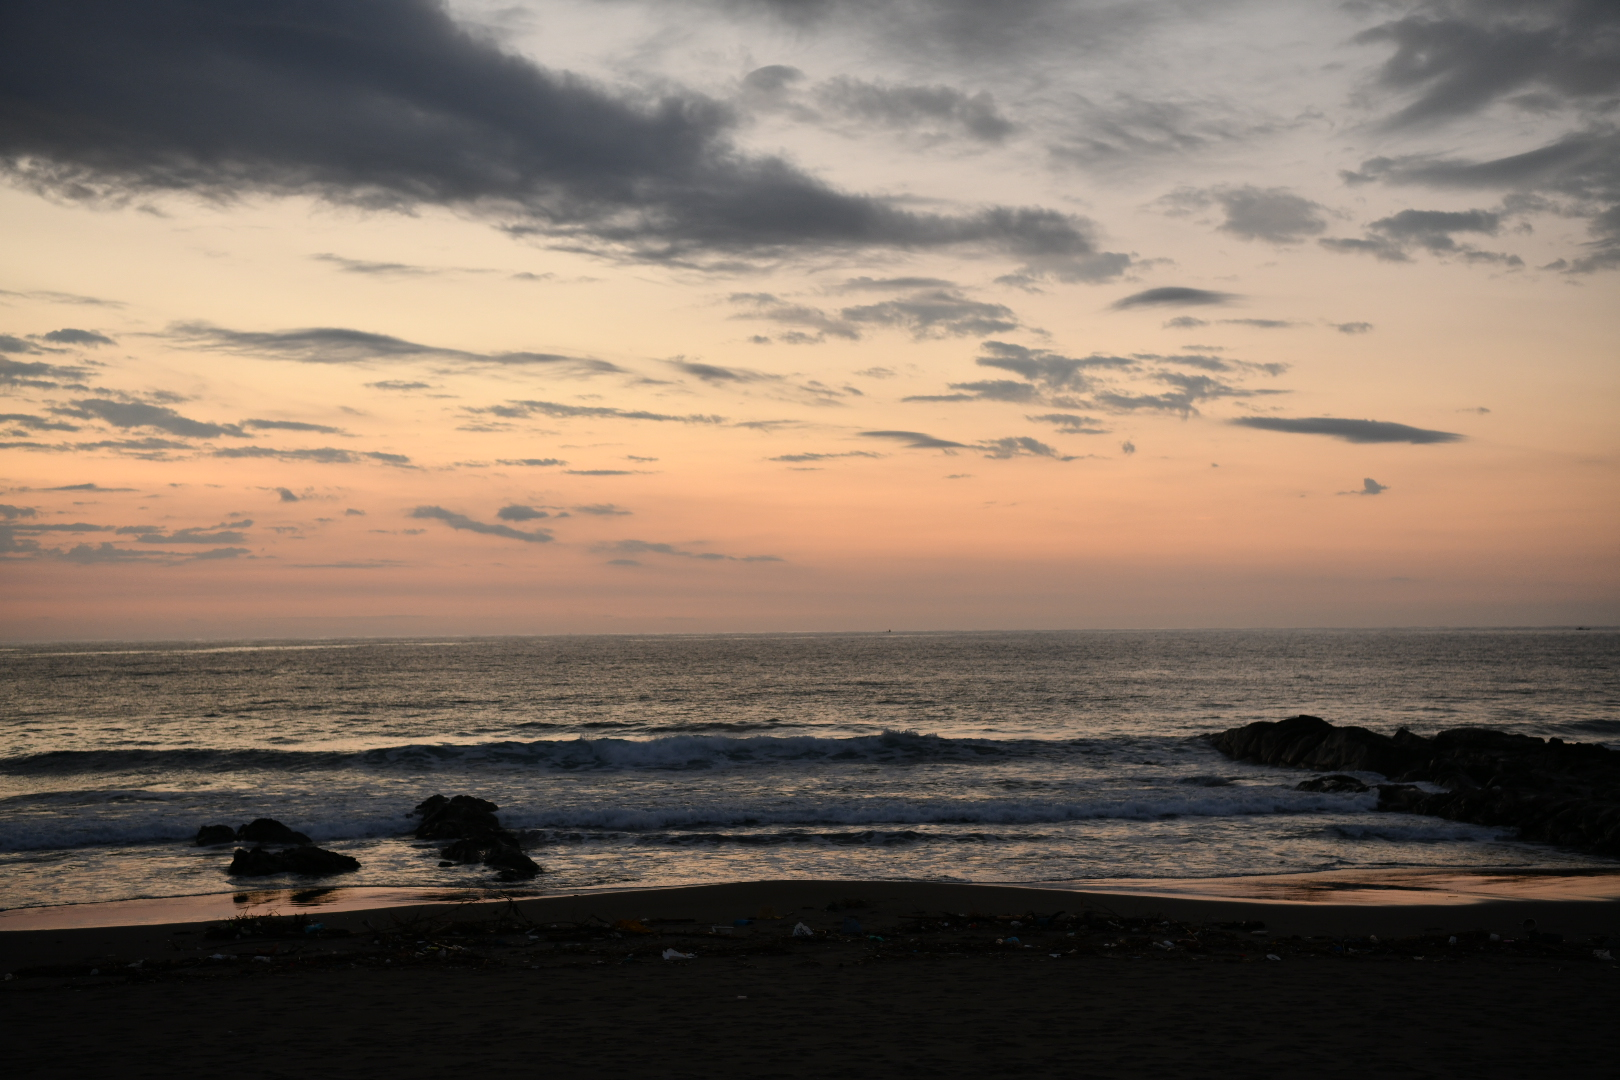 生見海岸から見た朝日が最高に感動的だった